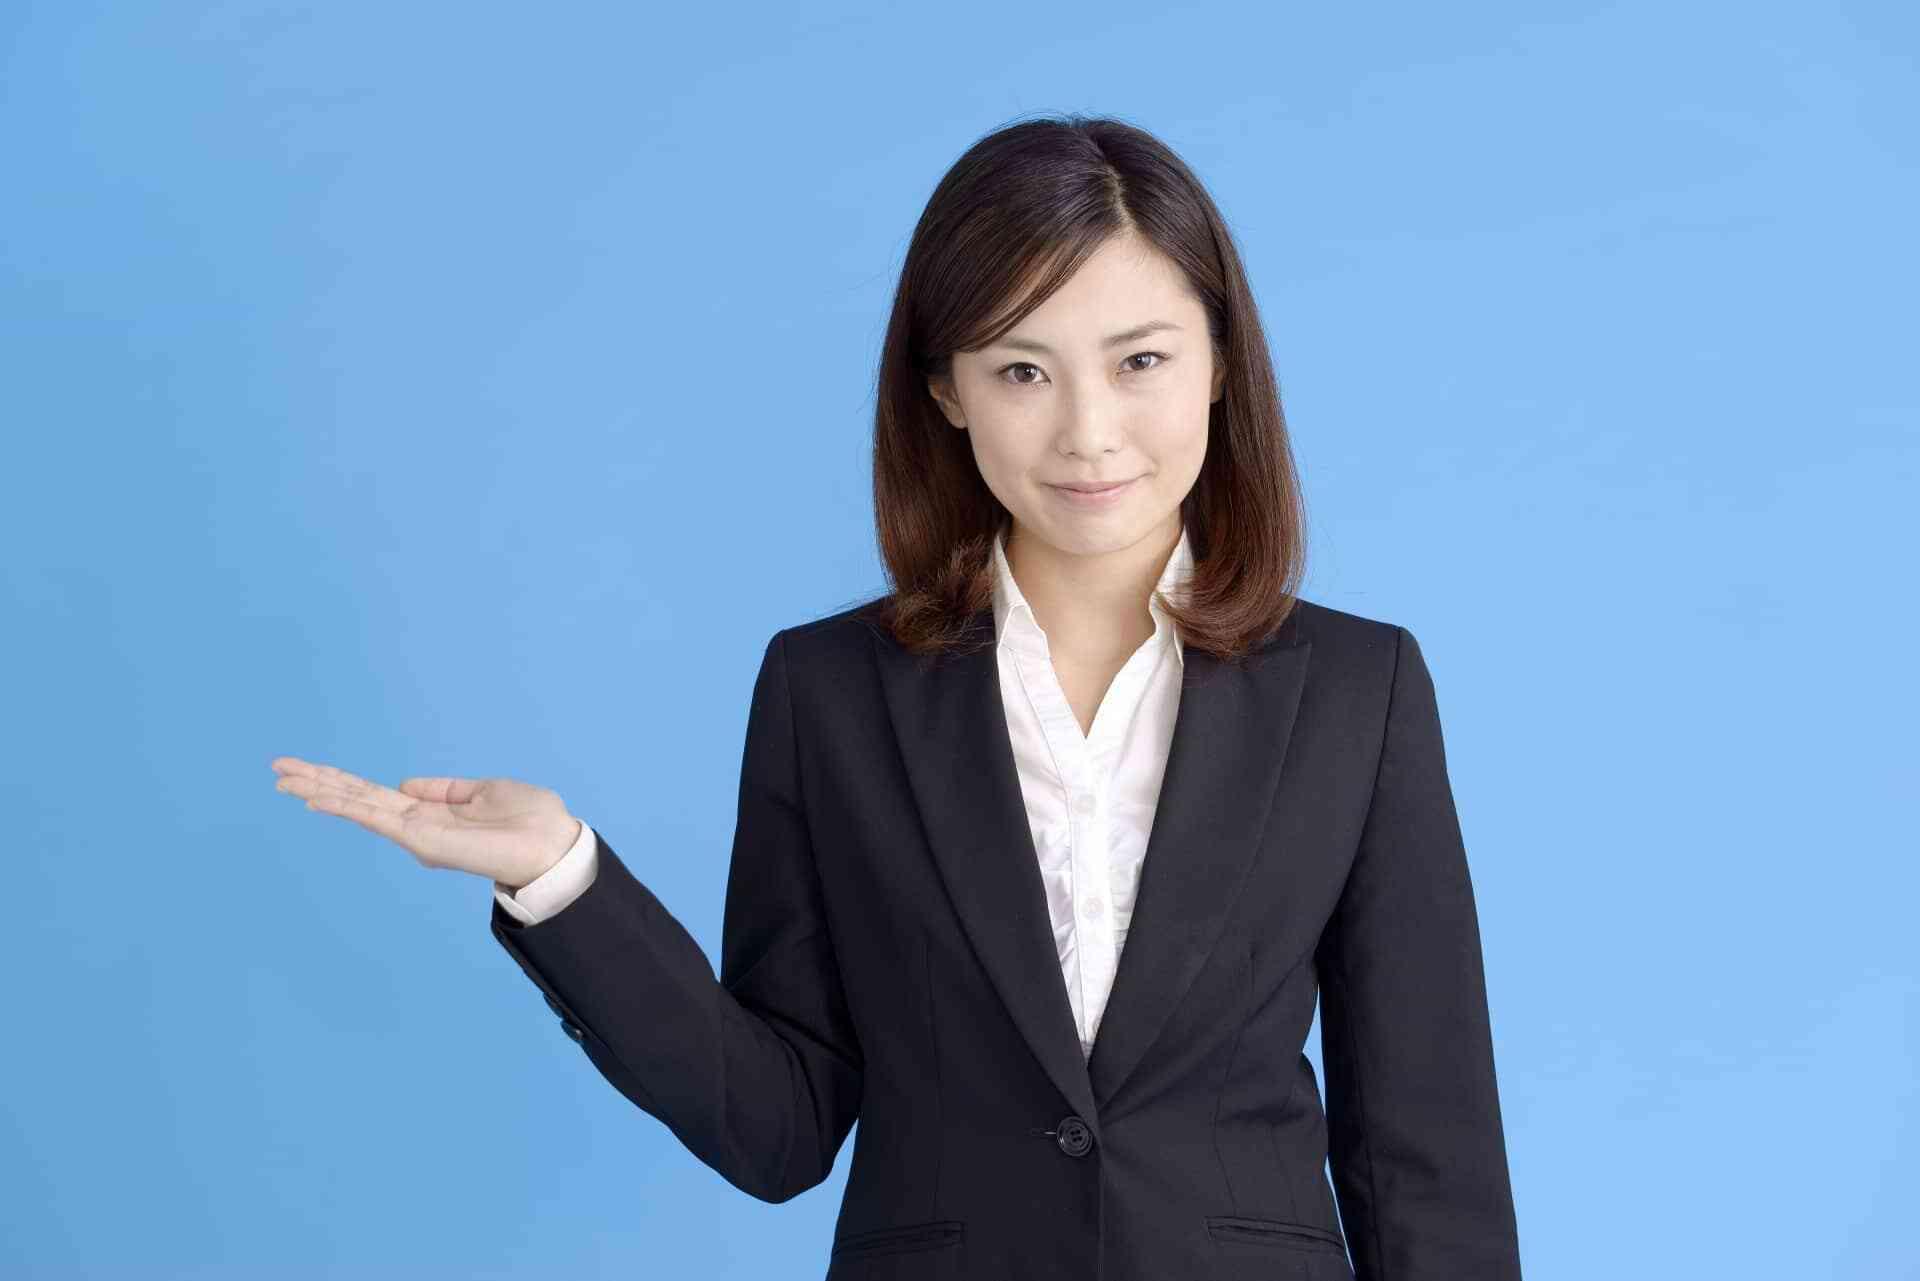 就職偏差値とは-偏差値やランキングの実情を解説-